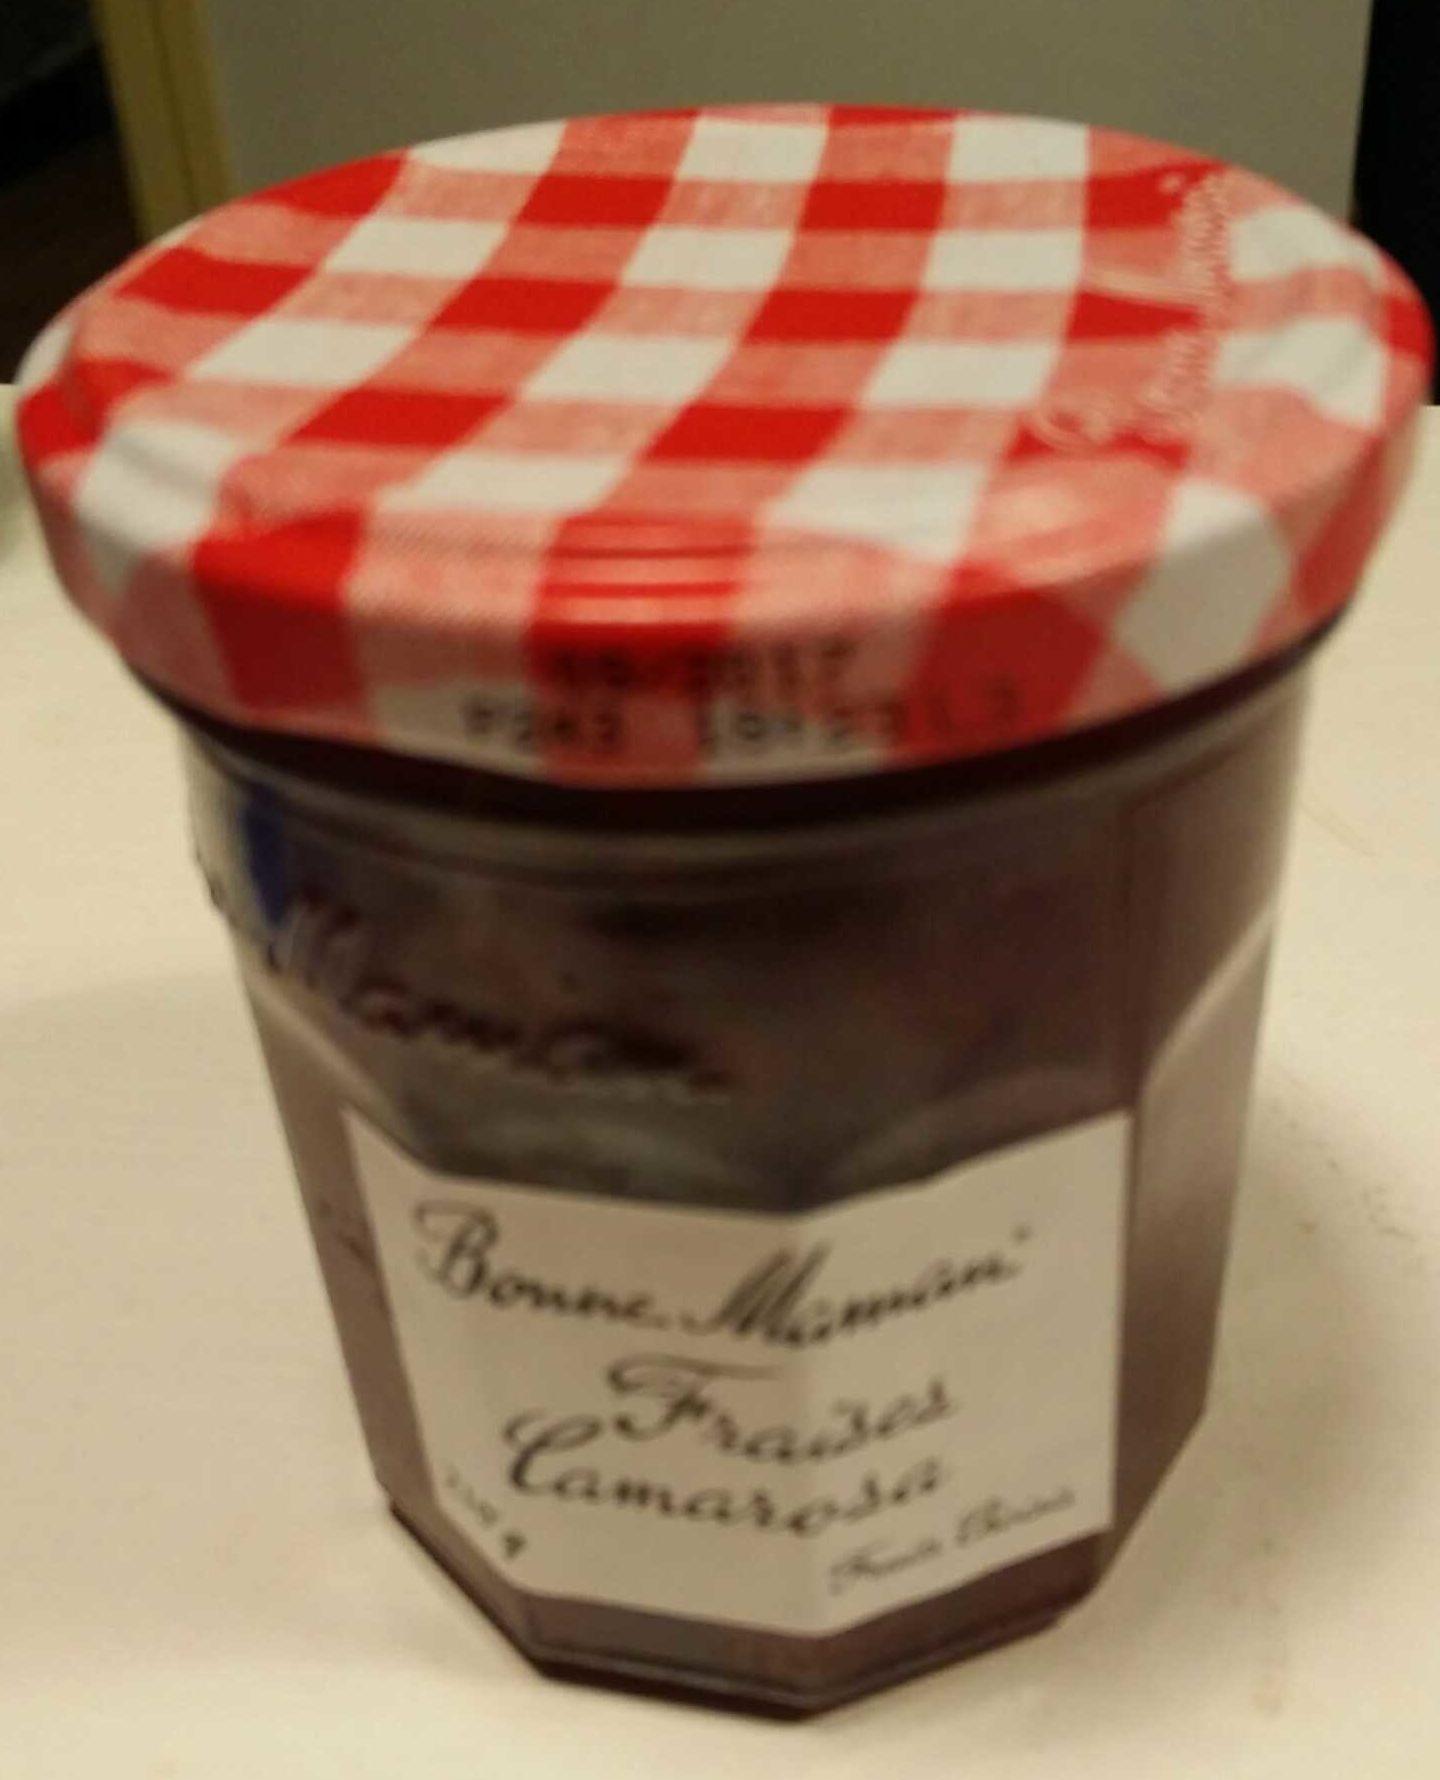 confiture fraises camarosa en petits morceaux bonne maman 210 g. Black Bedroom Furniture Sets. Home Design Ideas